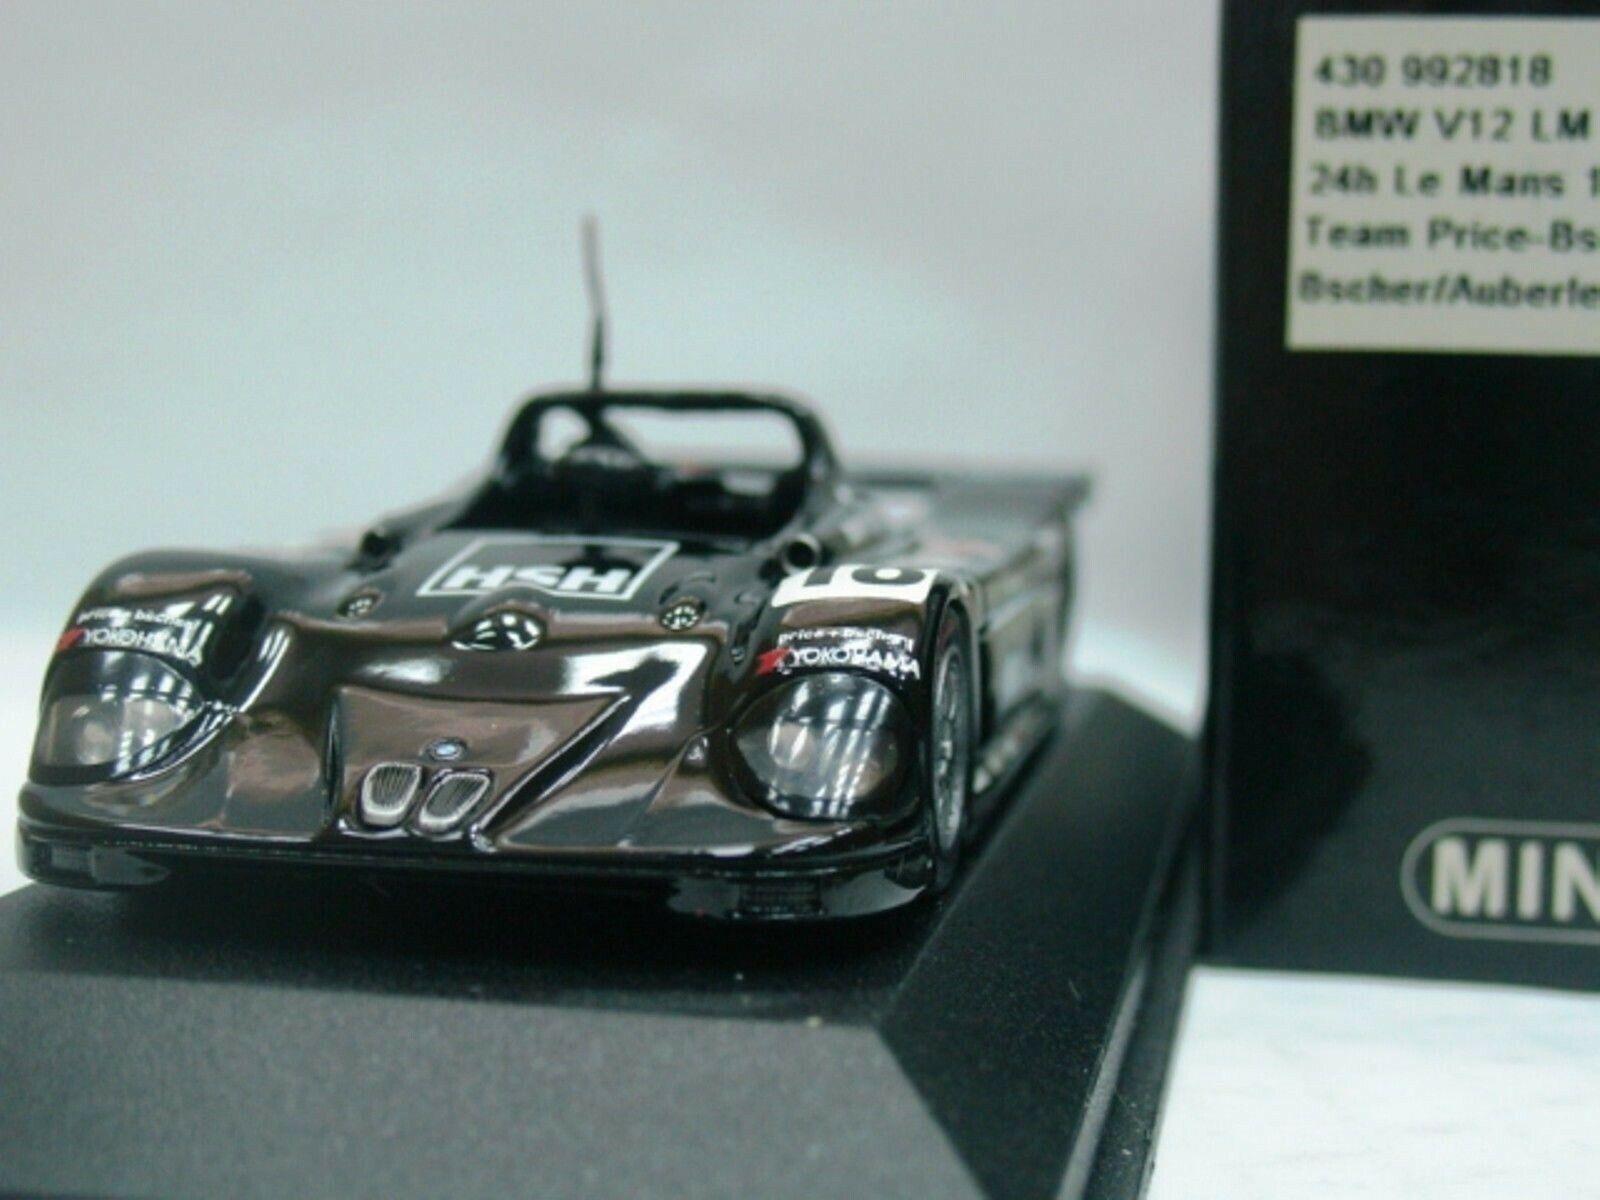 Wow extrêmement rare BMW V12 LM  18 Bscher 1st Priv le mans 1999 1 43 Minichamps